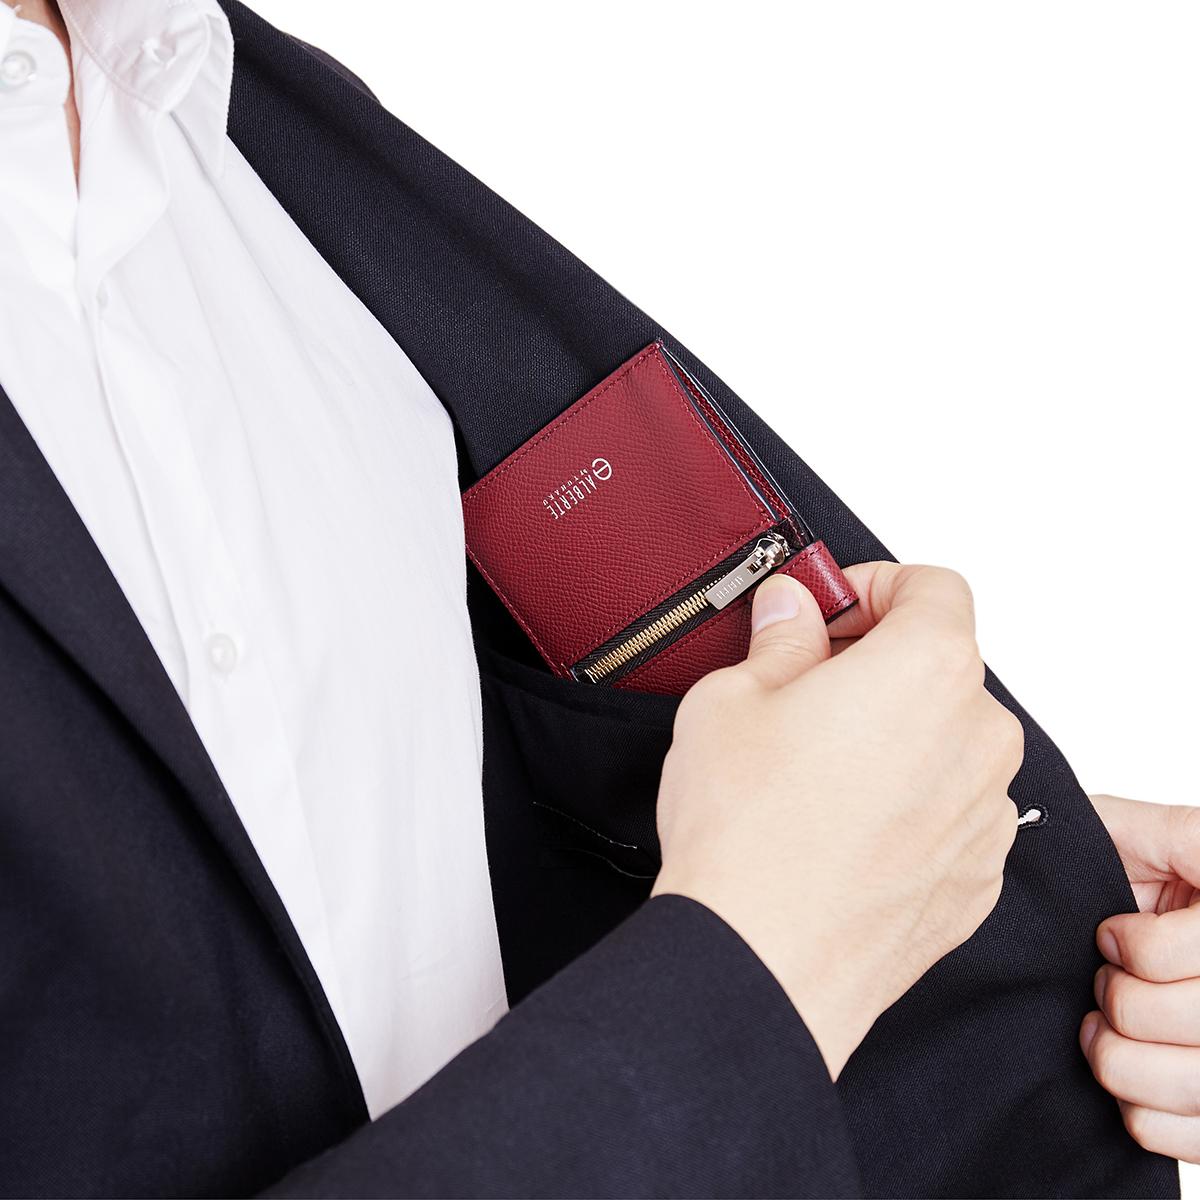 薄い財布はニューノーマルのスタンダード